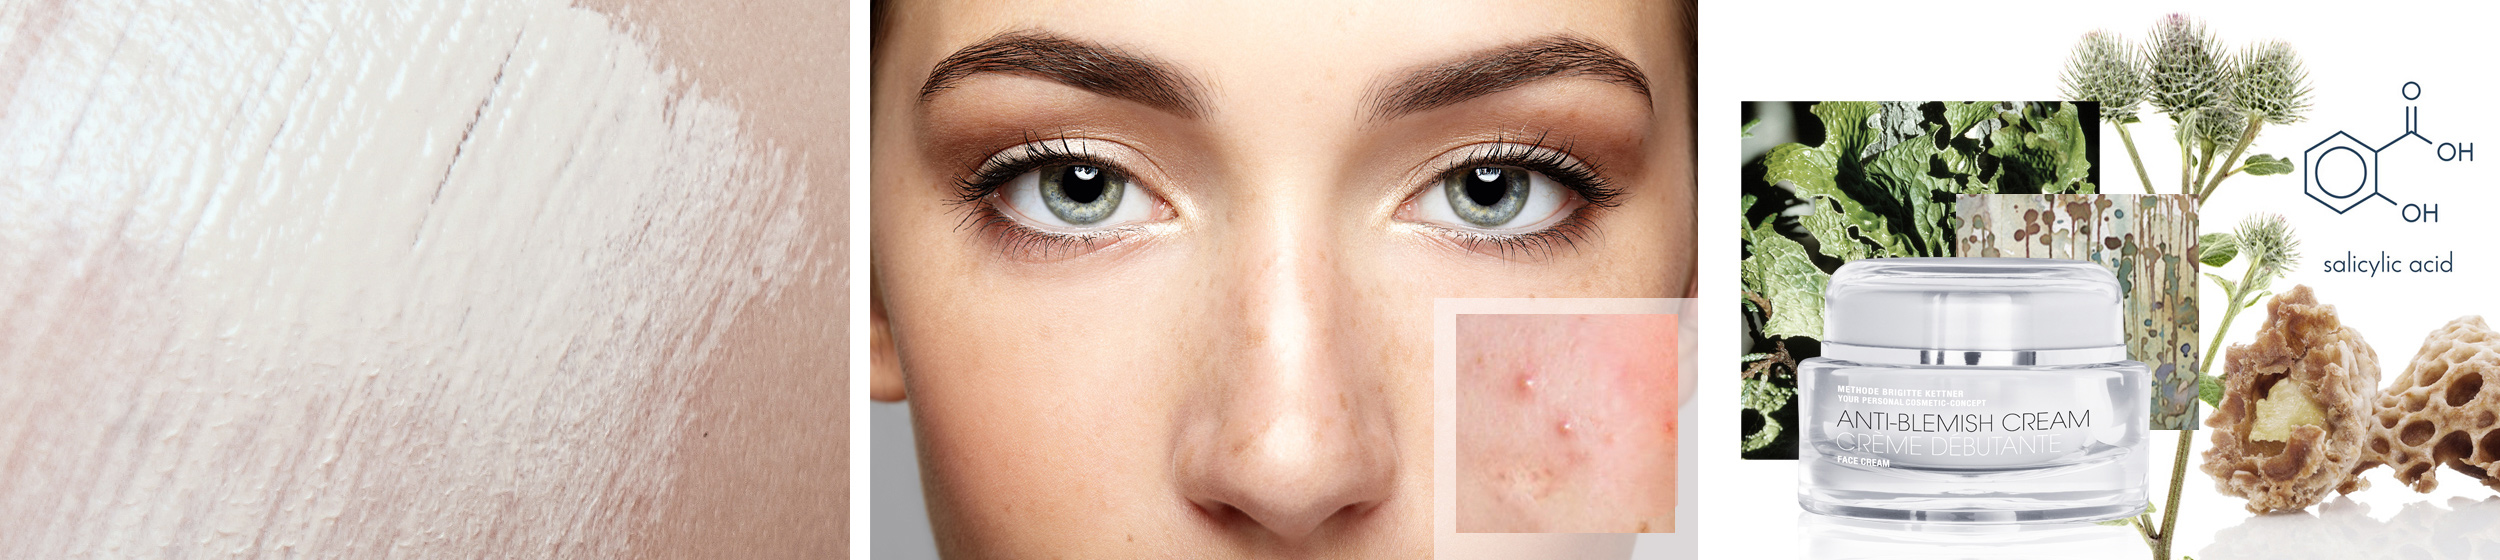 Type de peau, impuretés, peau à tendance acnéique